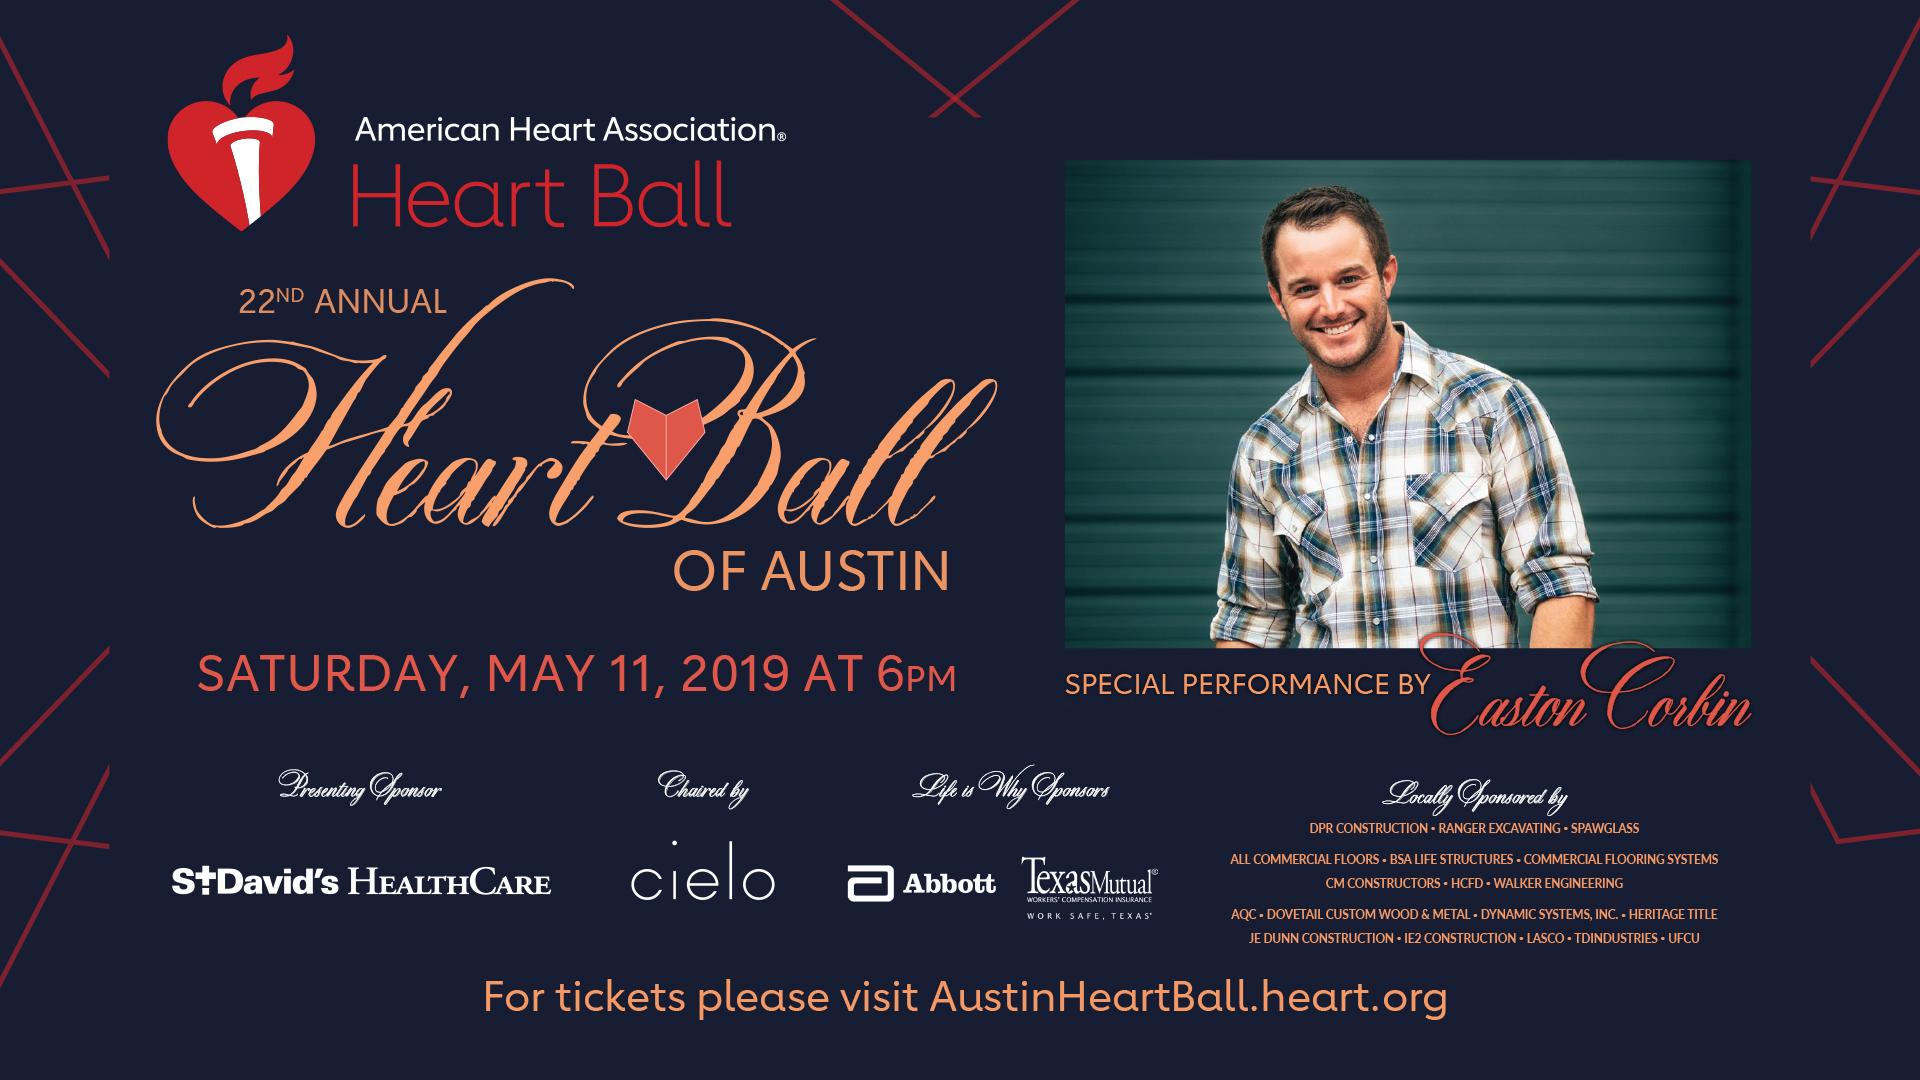 Heart Ball 2019 flyer.jpg